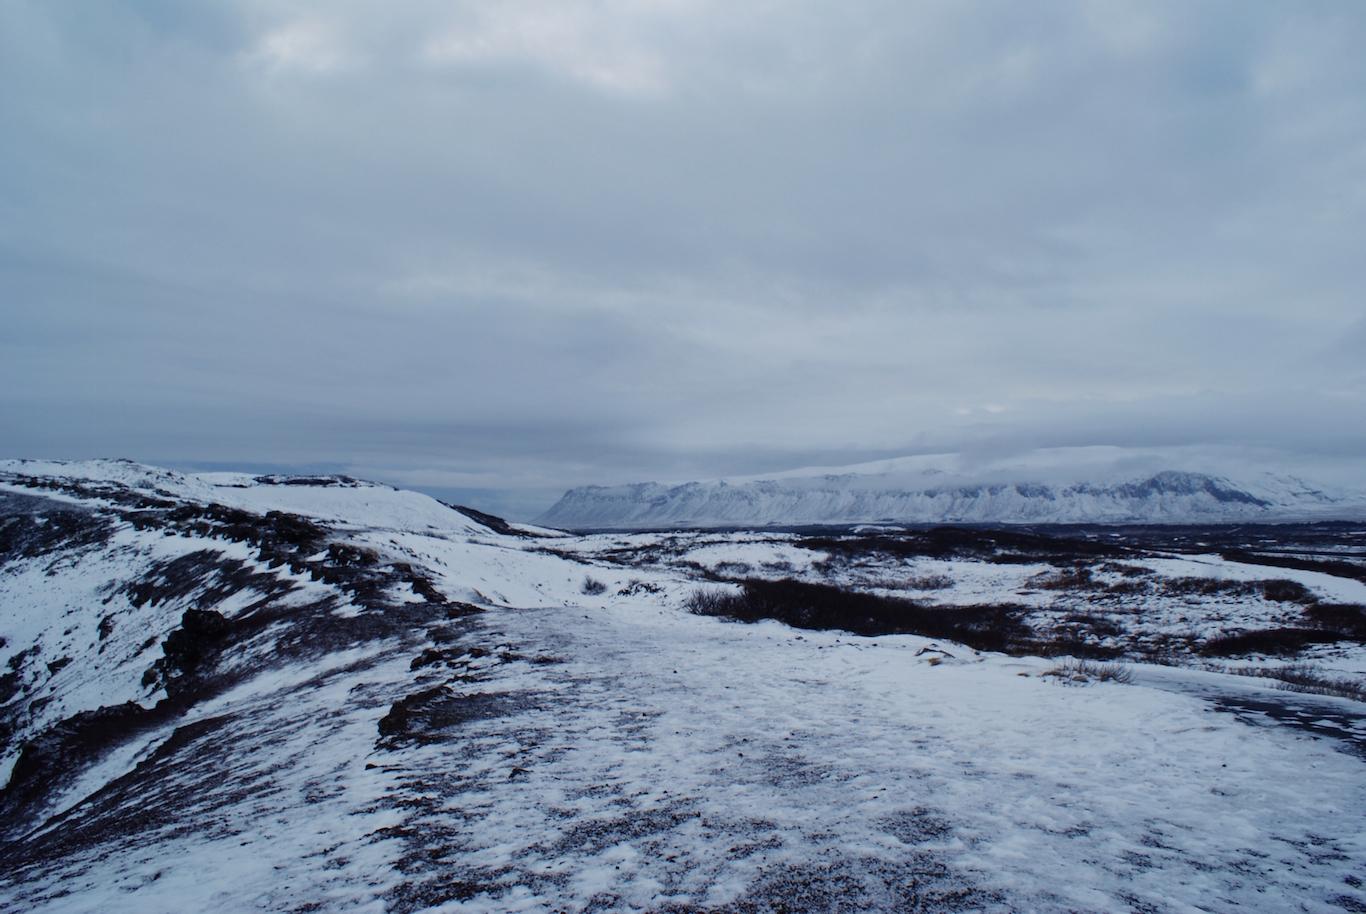 Winter Iceland Landscapes